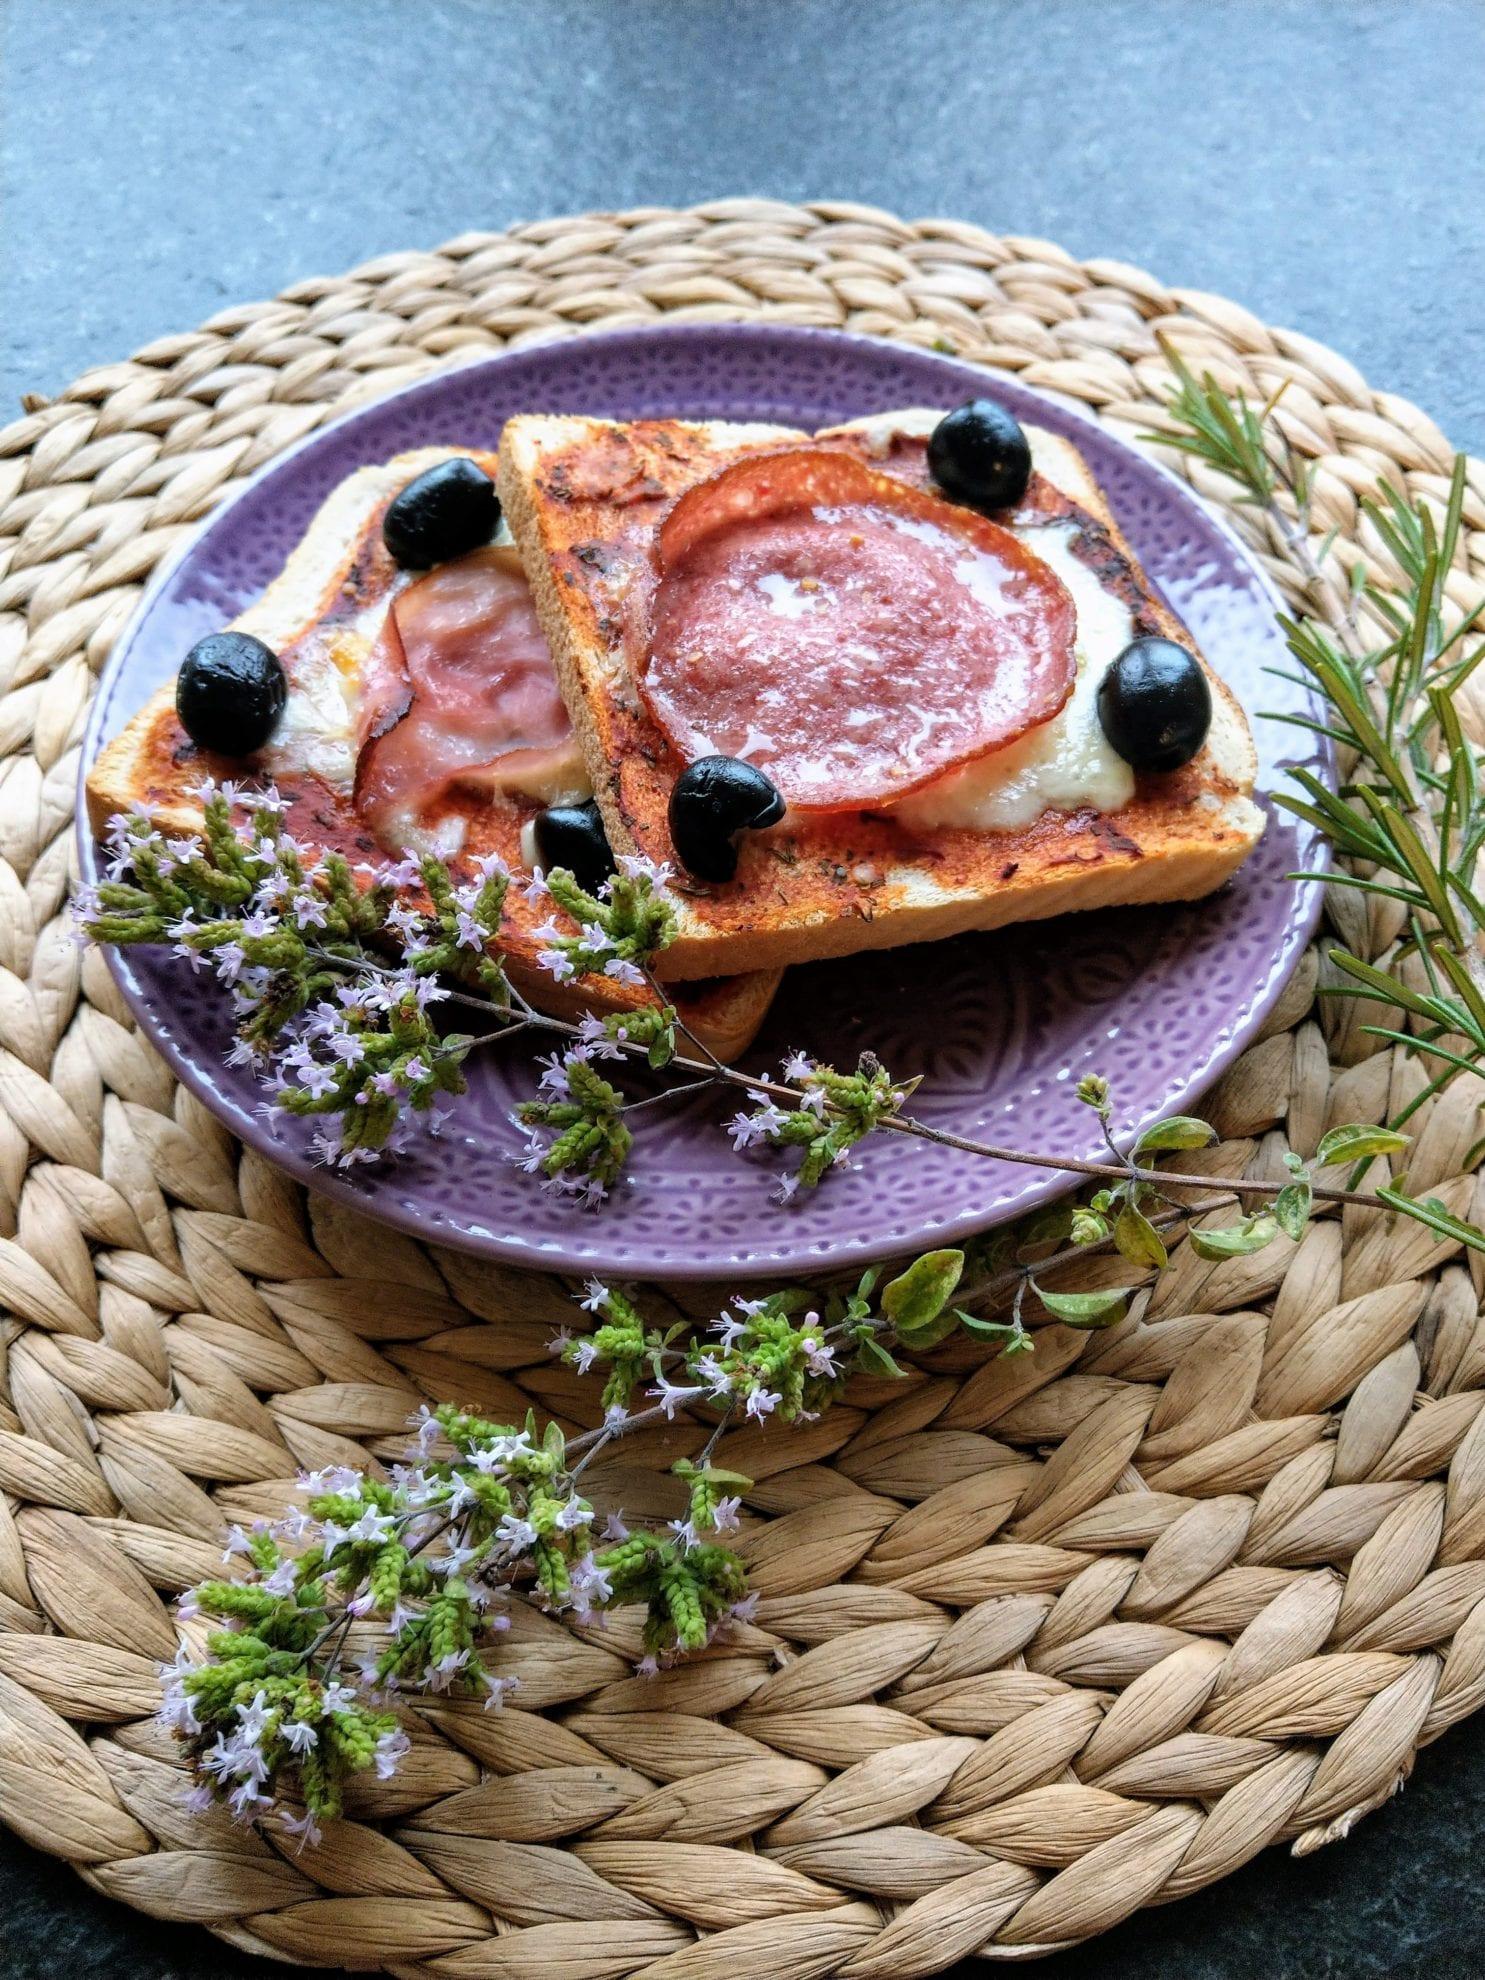 Pizzatoast ist schnell gemacht, lecker und eignet sich als Partysnack, zum Mittagessen oder als Resteverwertung für Tomatensoße. Hier ein einfaches Rezept